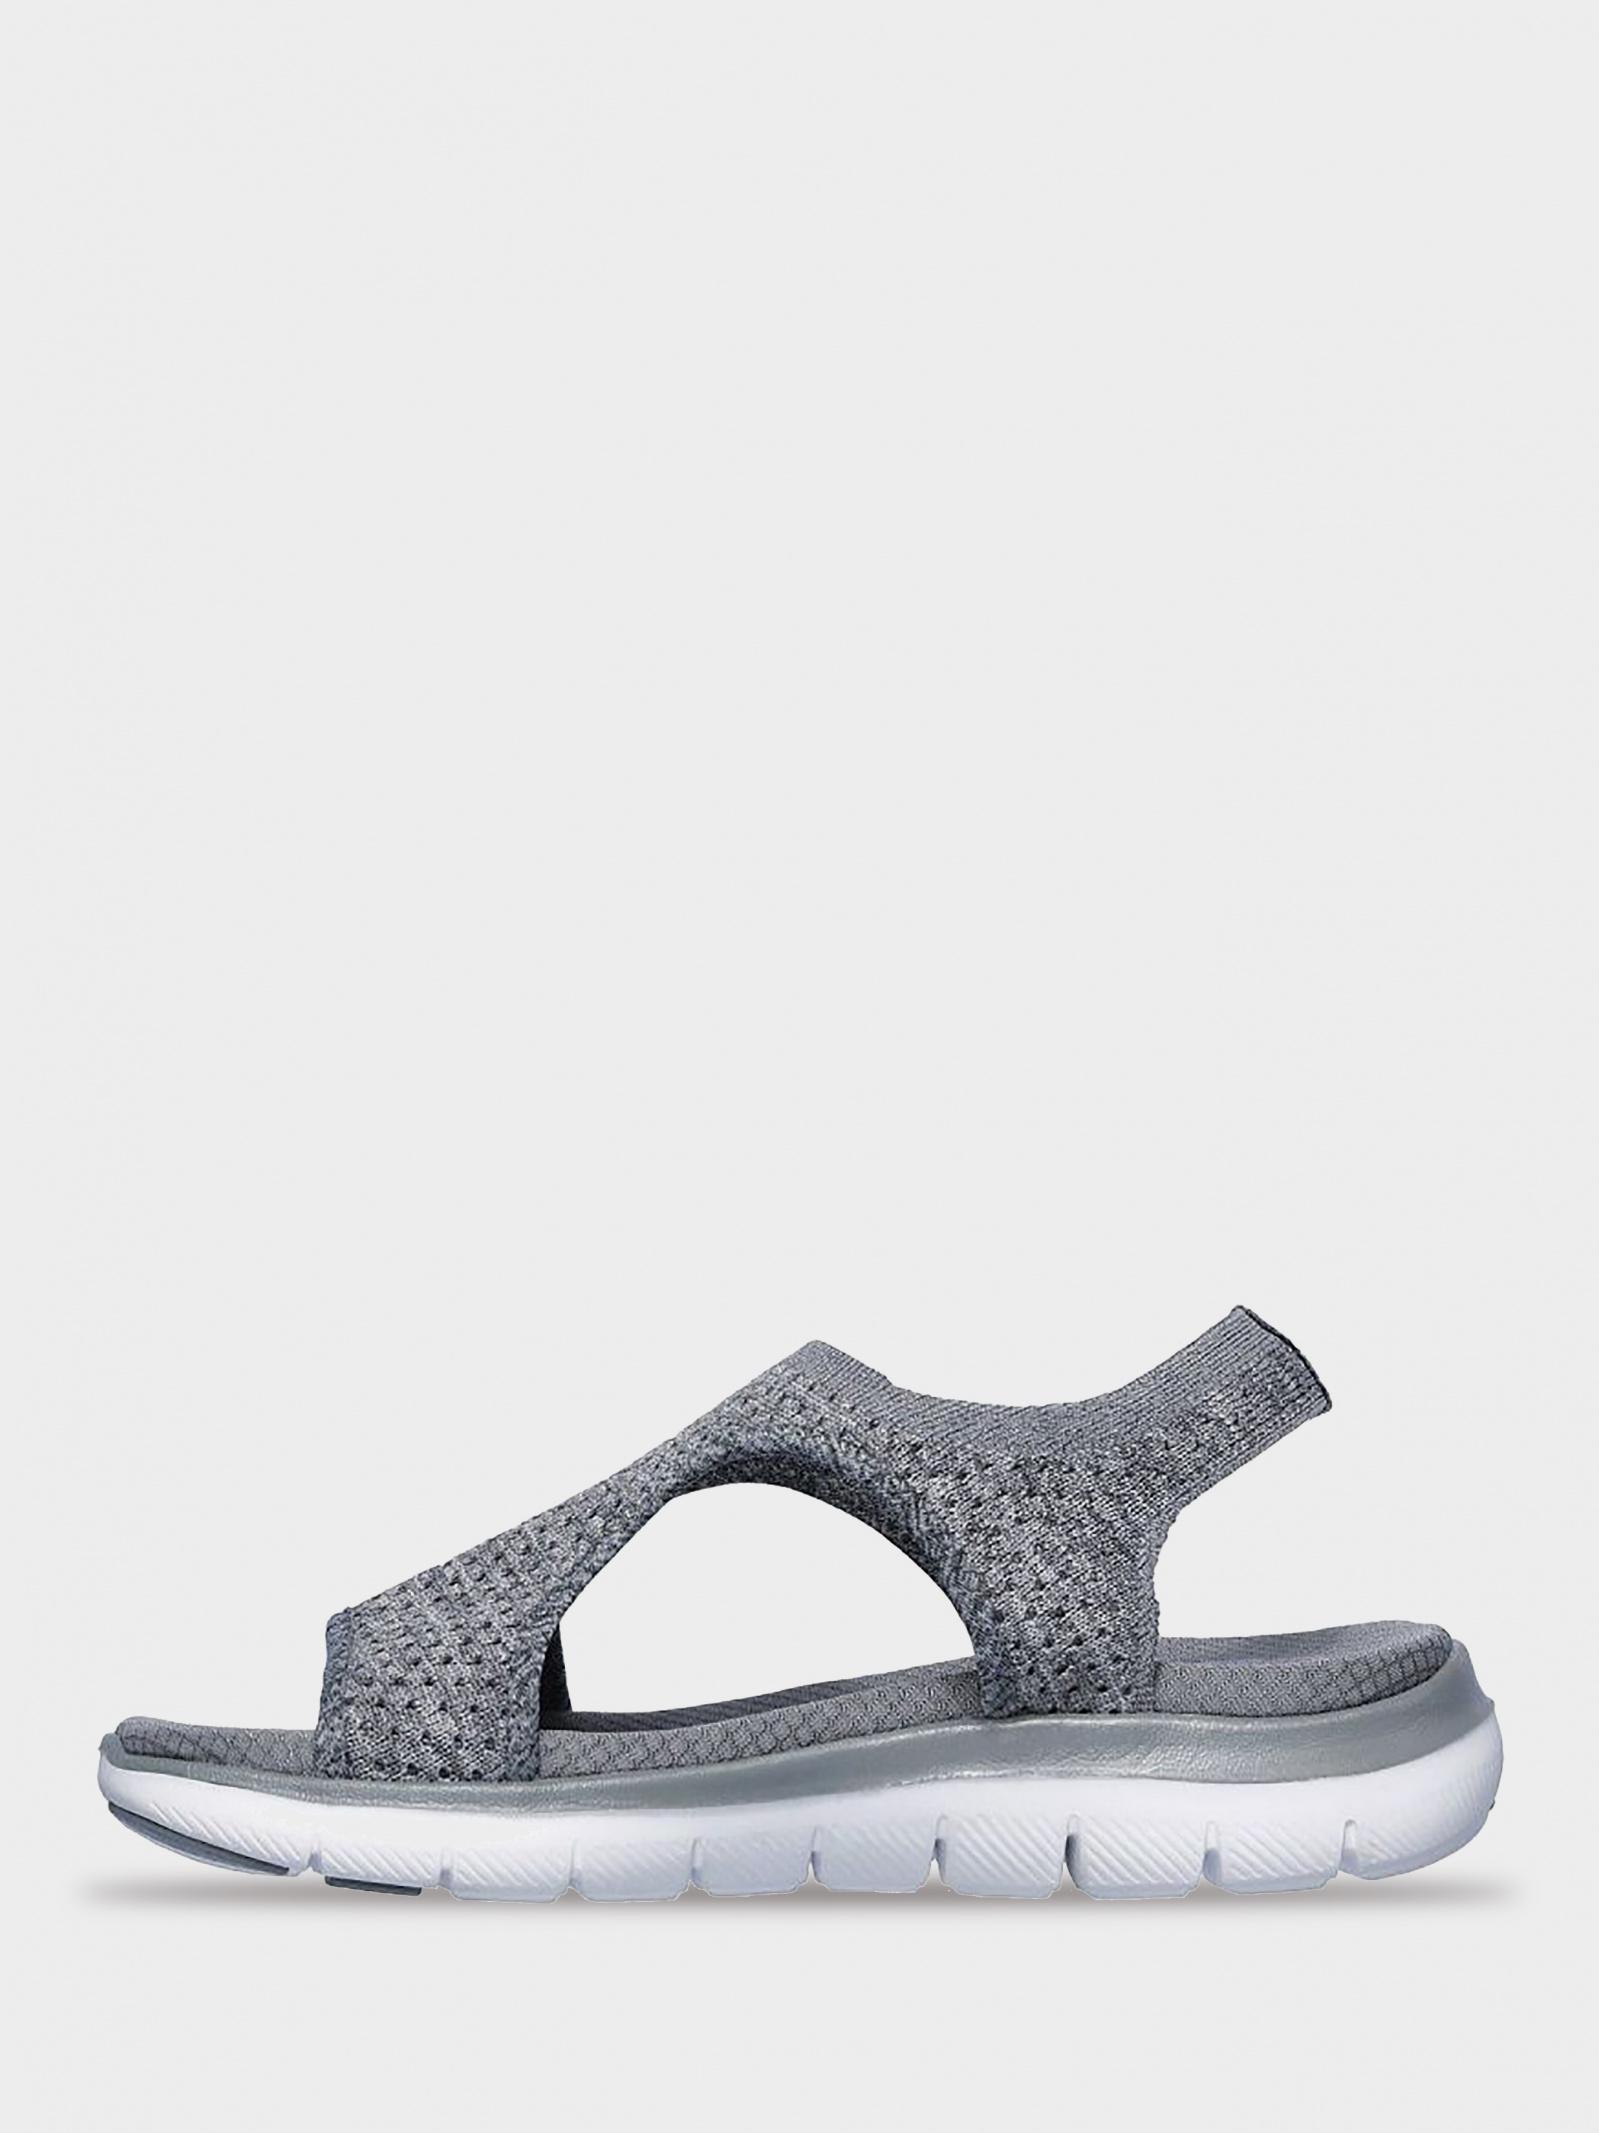 Сандалі  для жінок Skechers 31674 GRY модне взуття, 2017